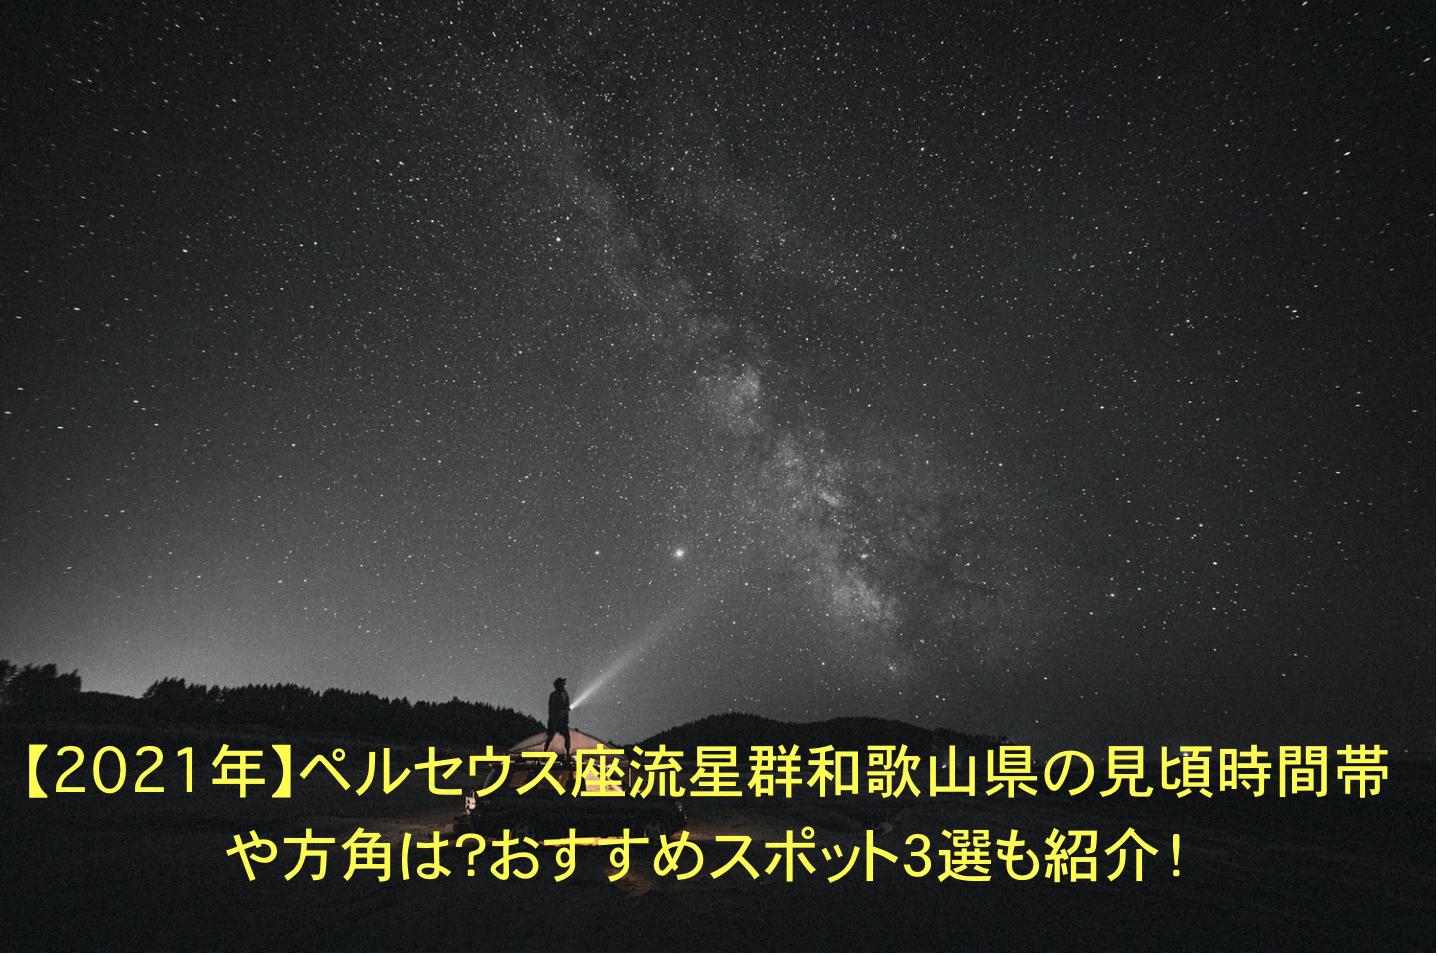 ペルセウス座流星群 和歌山県 見頃 時間帯 方角 おすすめスポット